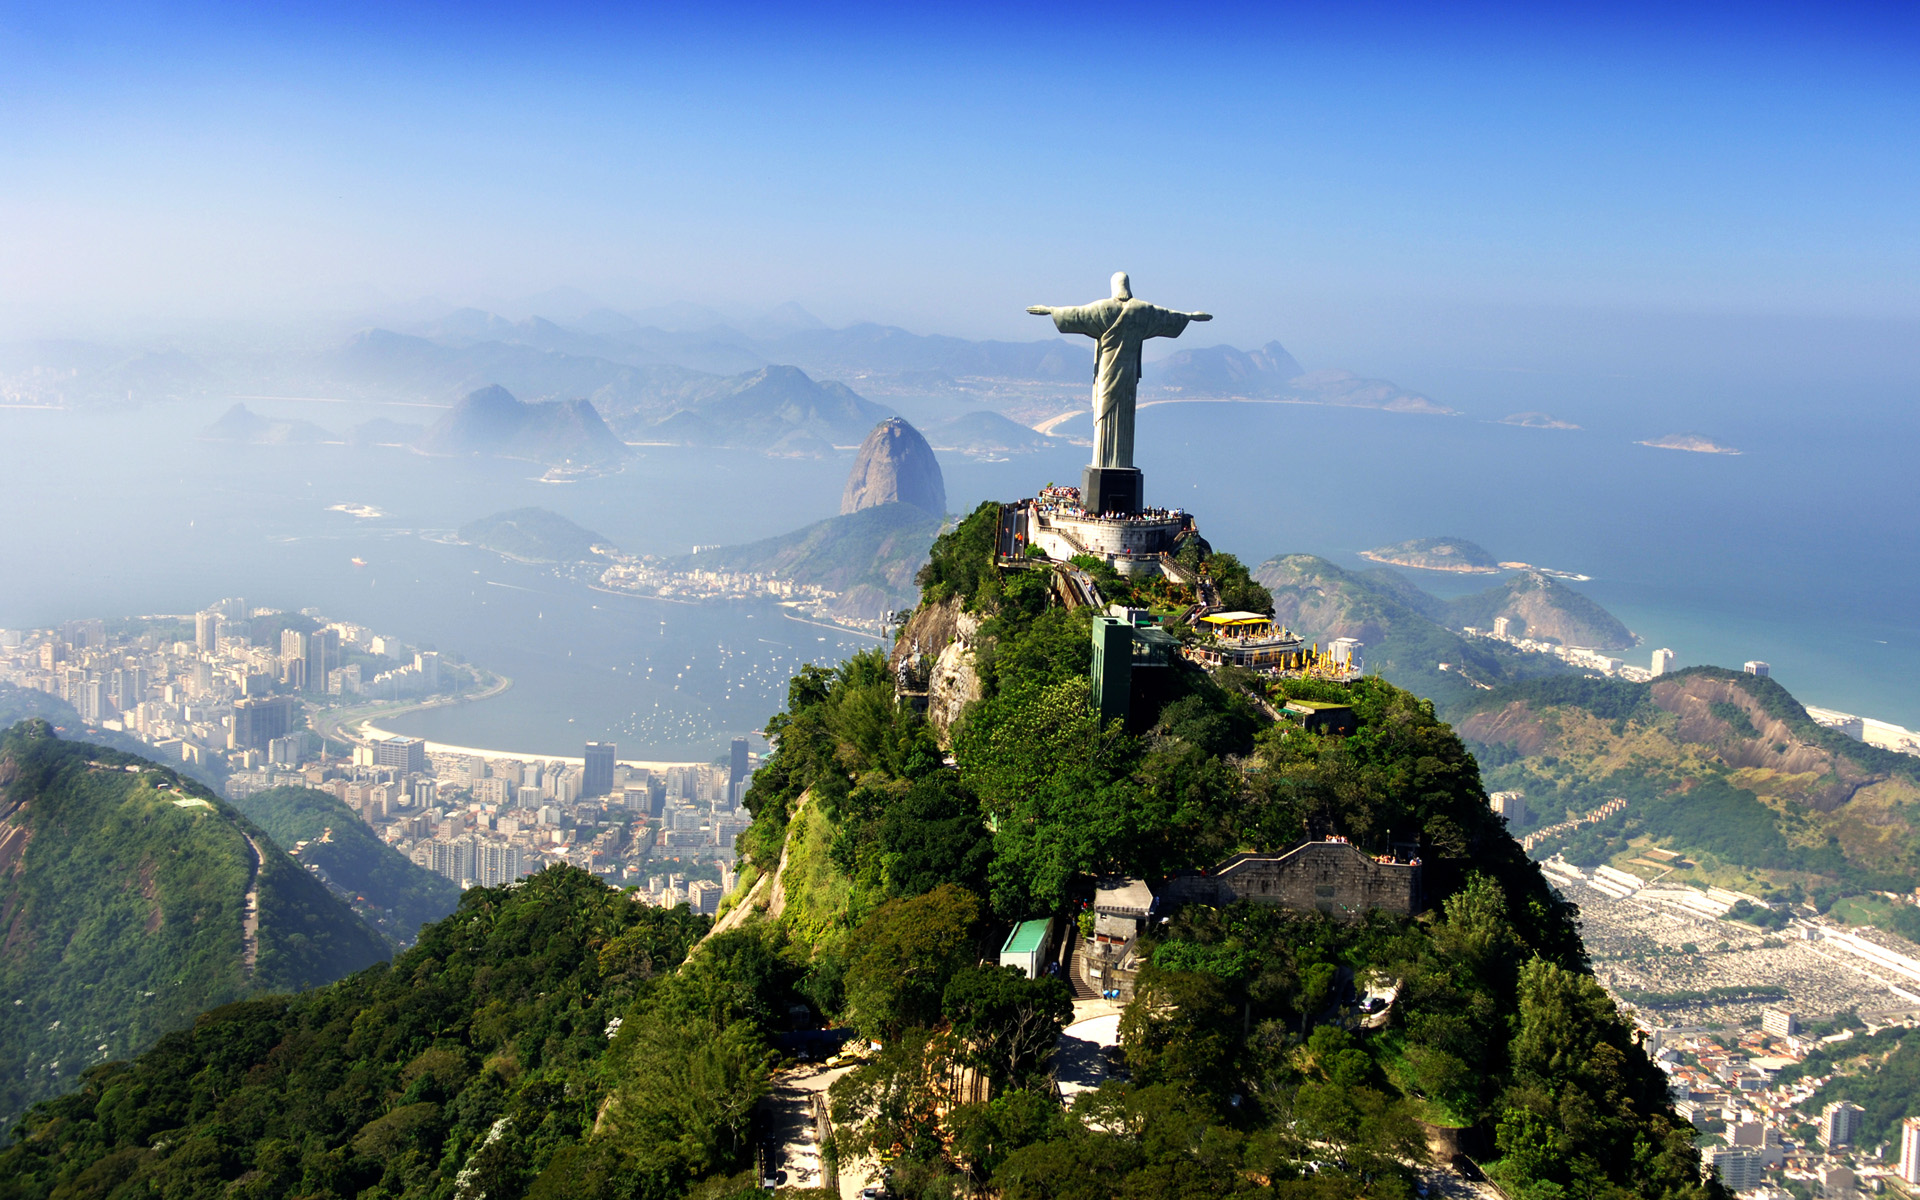 Бразилия почти вдвое сократит вредные выбросы к 2030 году